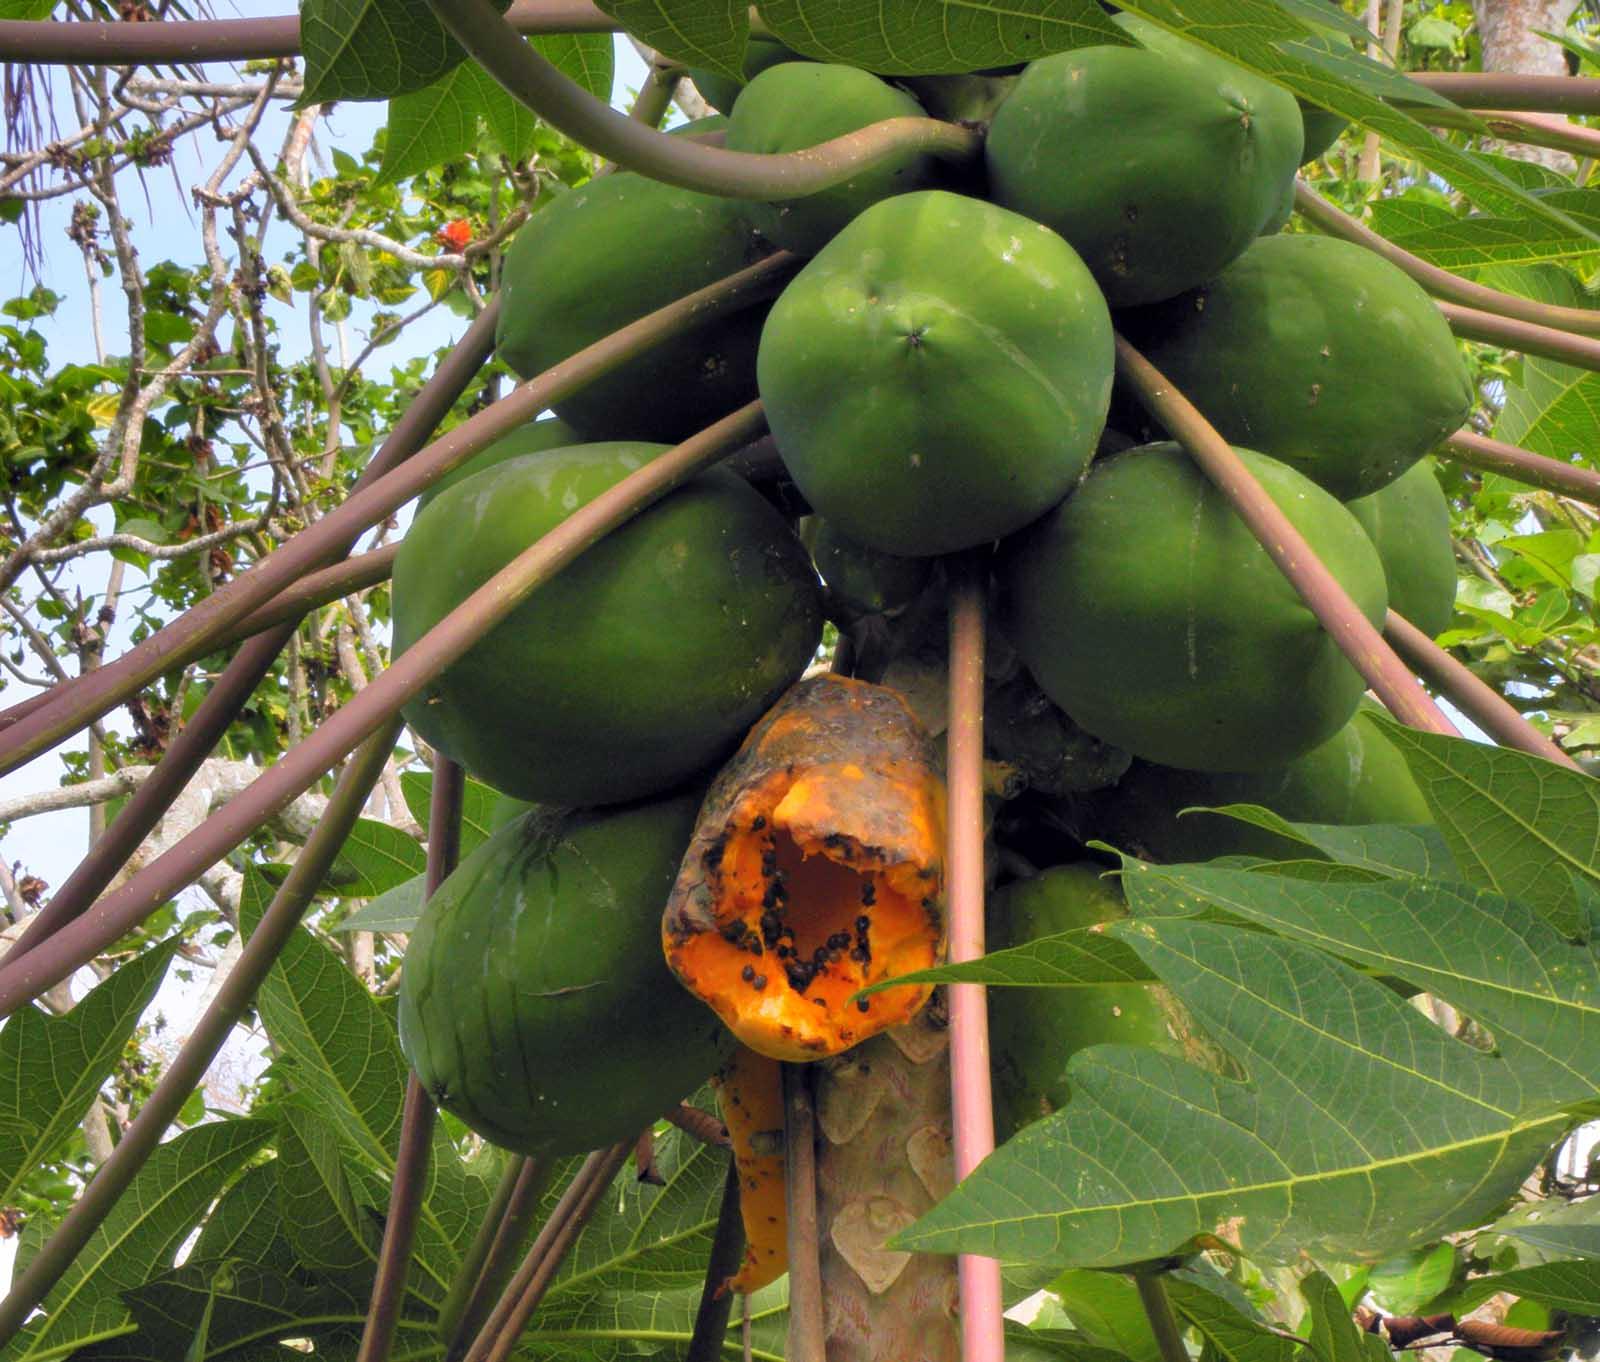 Anyway, here is a papaya tree